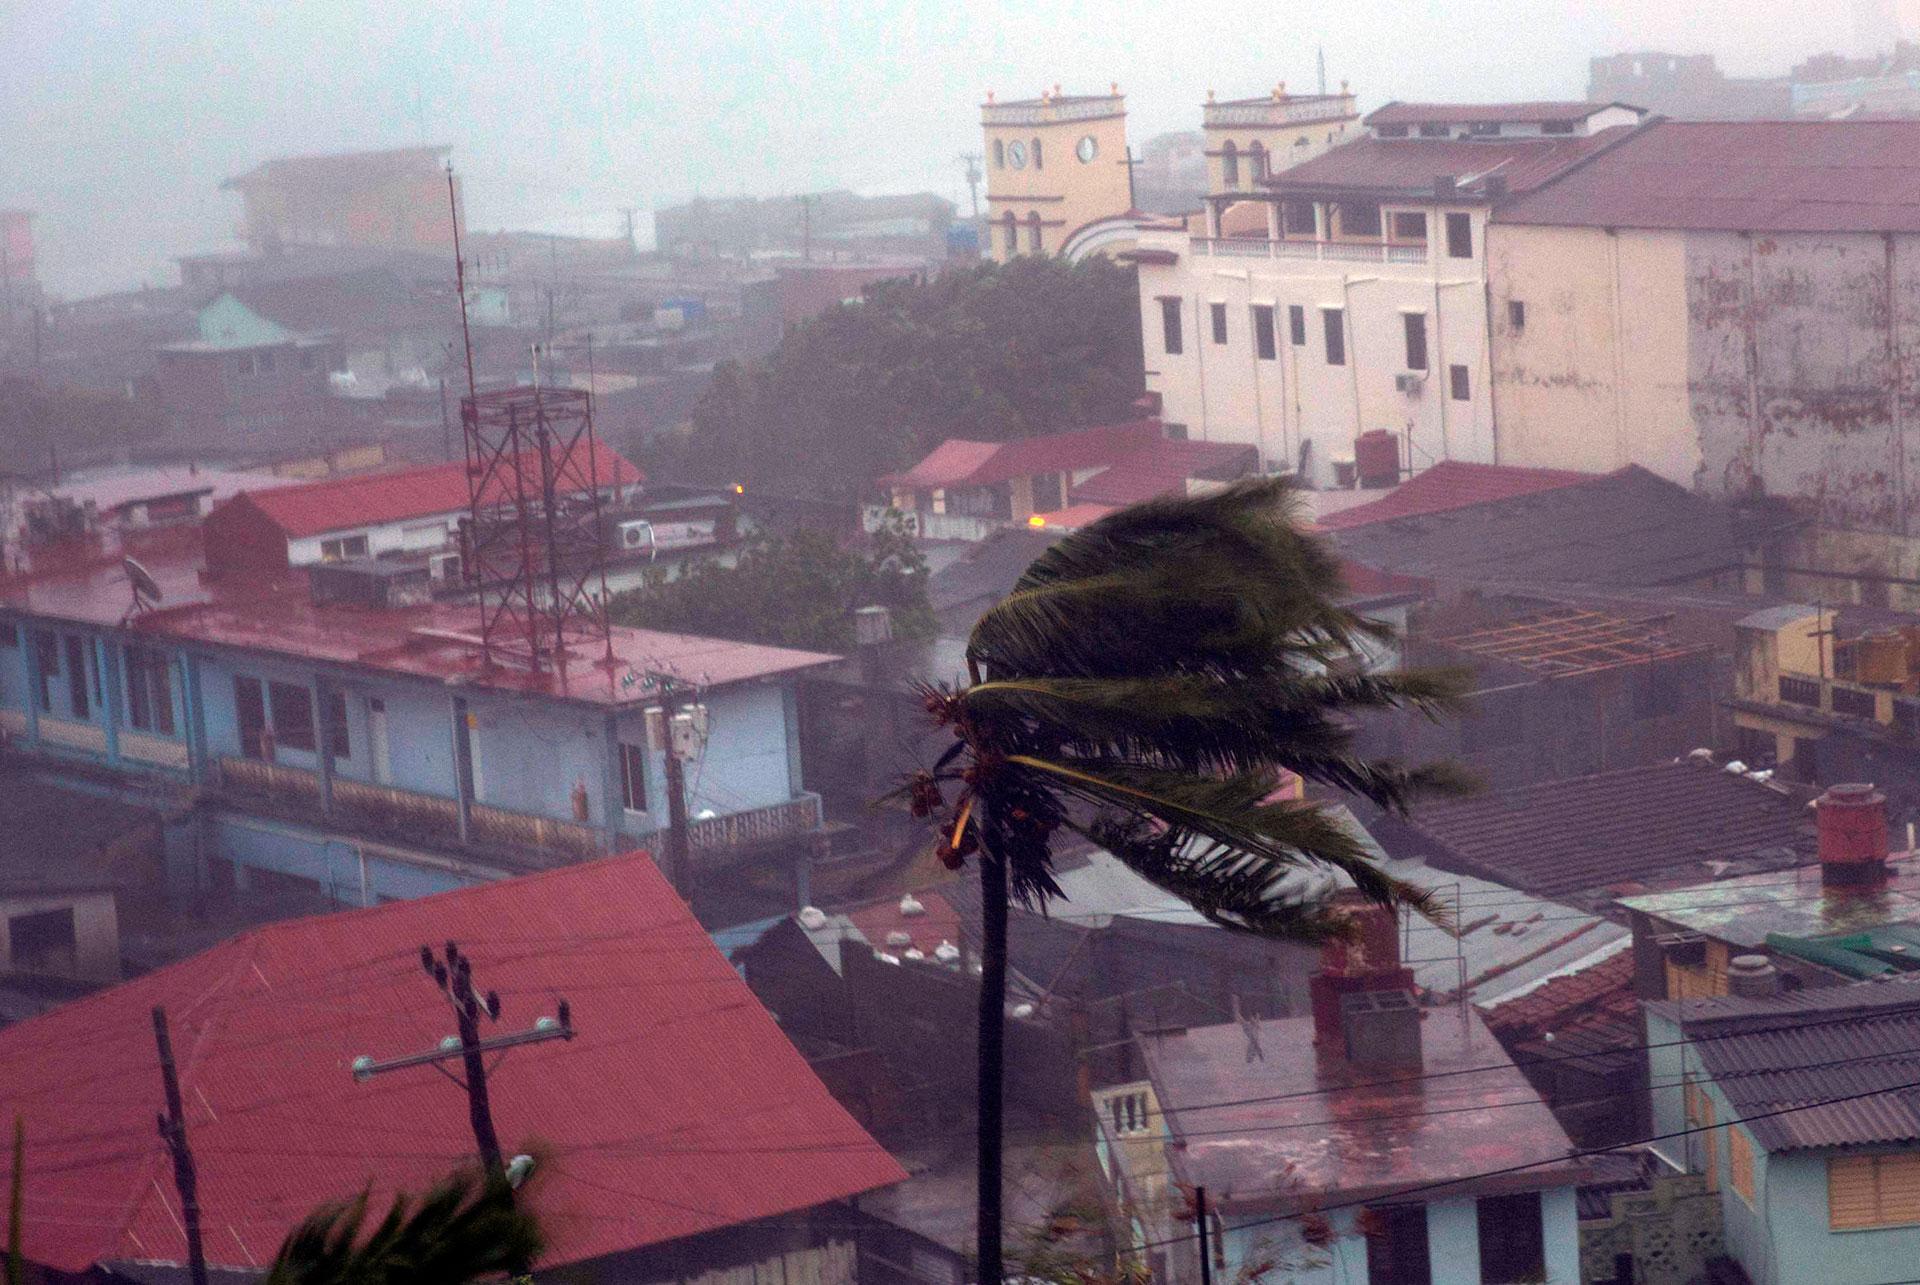 Matthew, la tormenta de mayor magnitud que ha llegado al Caribe en los últimos nueve años, dilató su recorrido sobre el territorio cubano mientras reajustaba su trayectoria, explicó el especialista José Rubiera (AP)